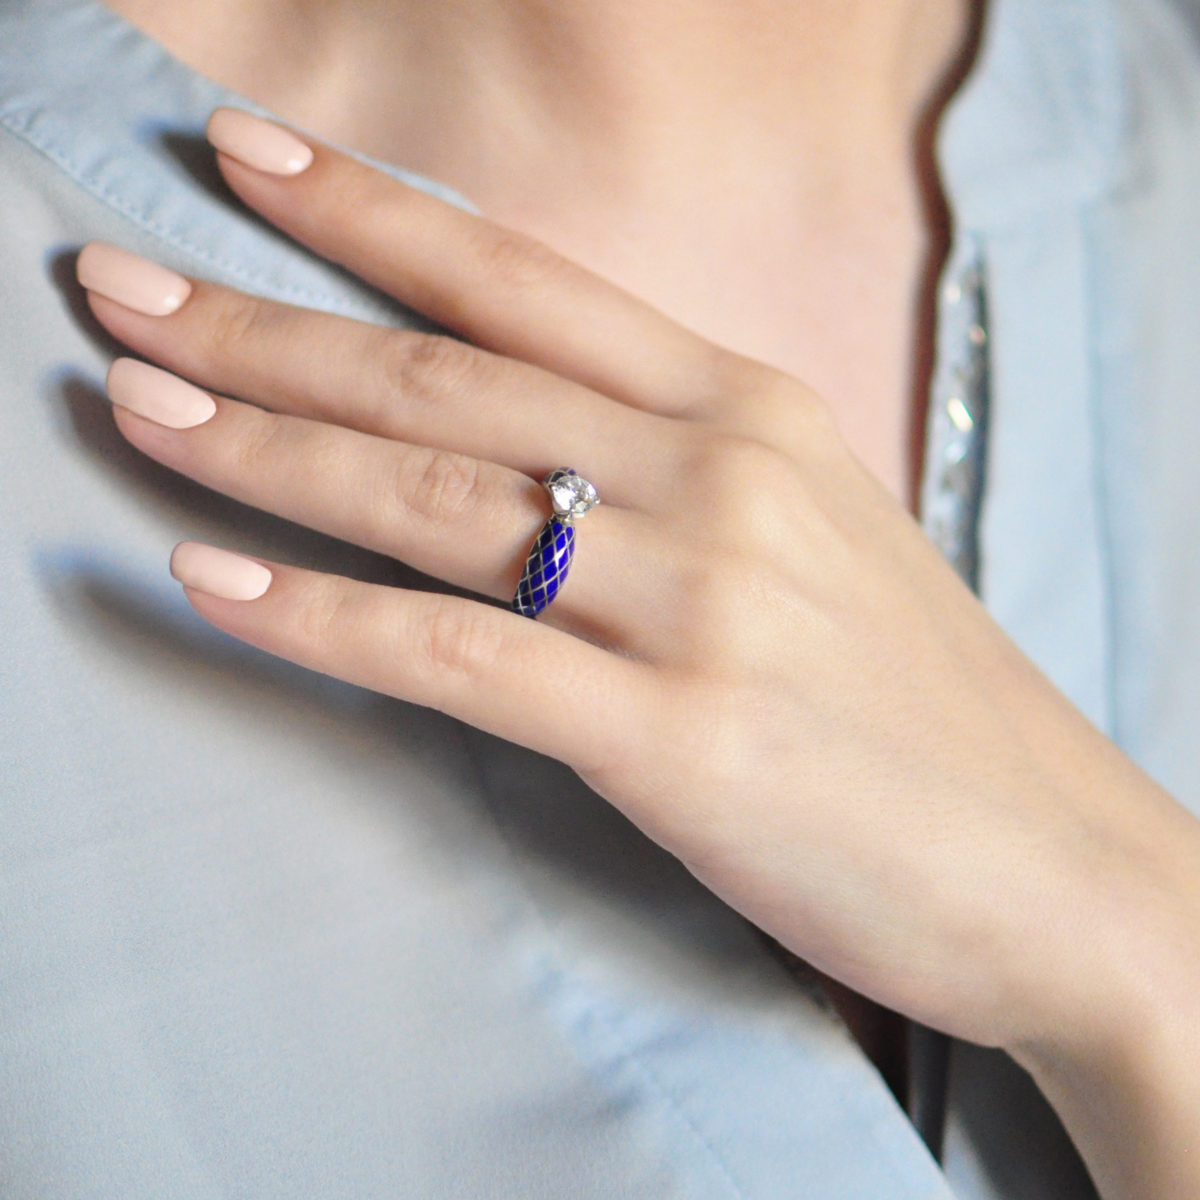 Serebro sinyaya 21 1200x1200 - Кольцо из серебра «Сердце», синее с фианитами